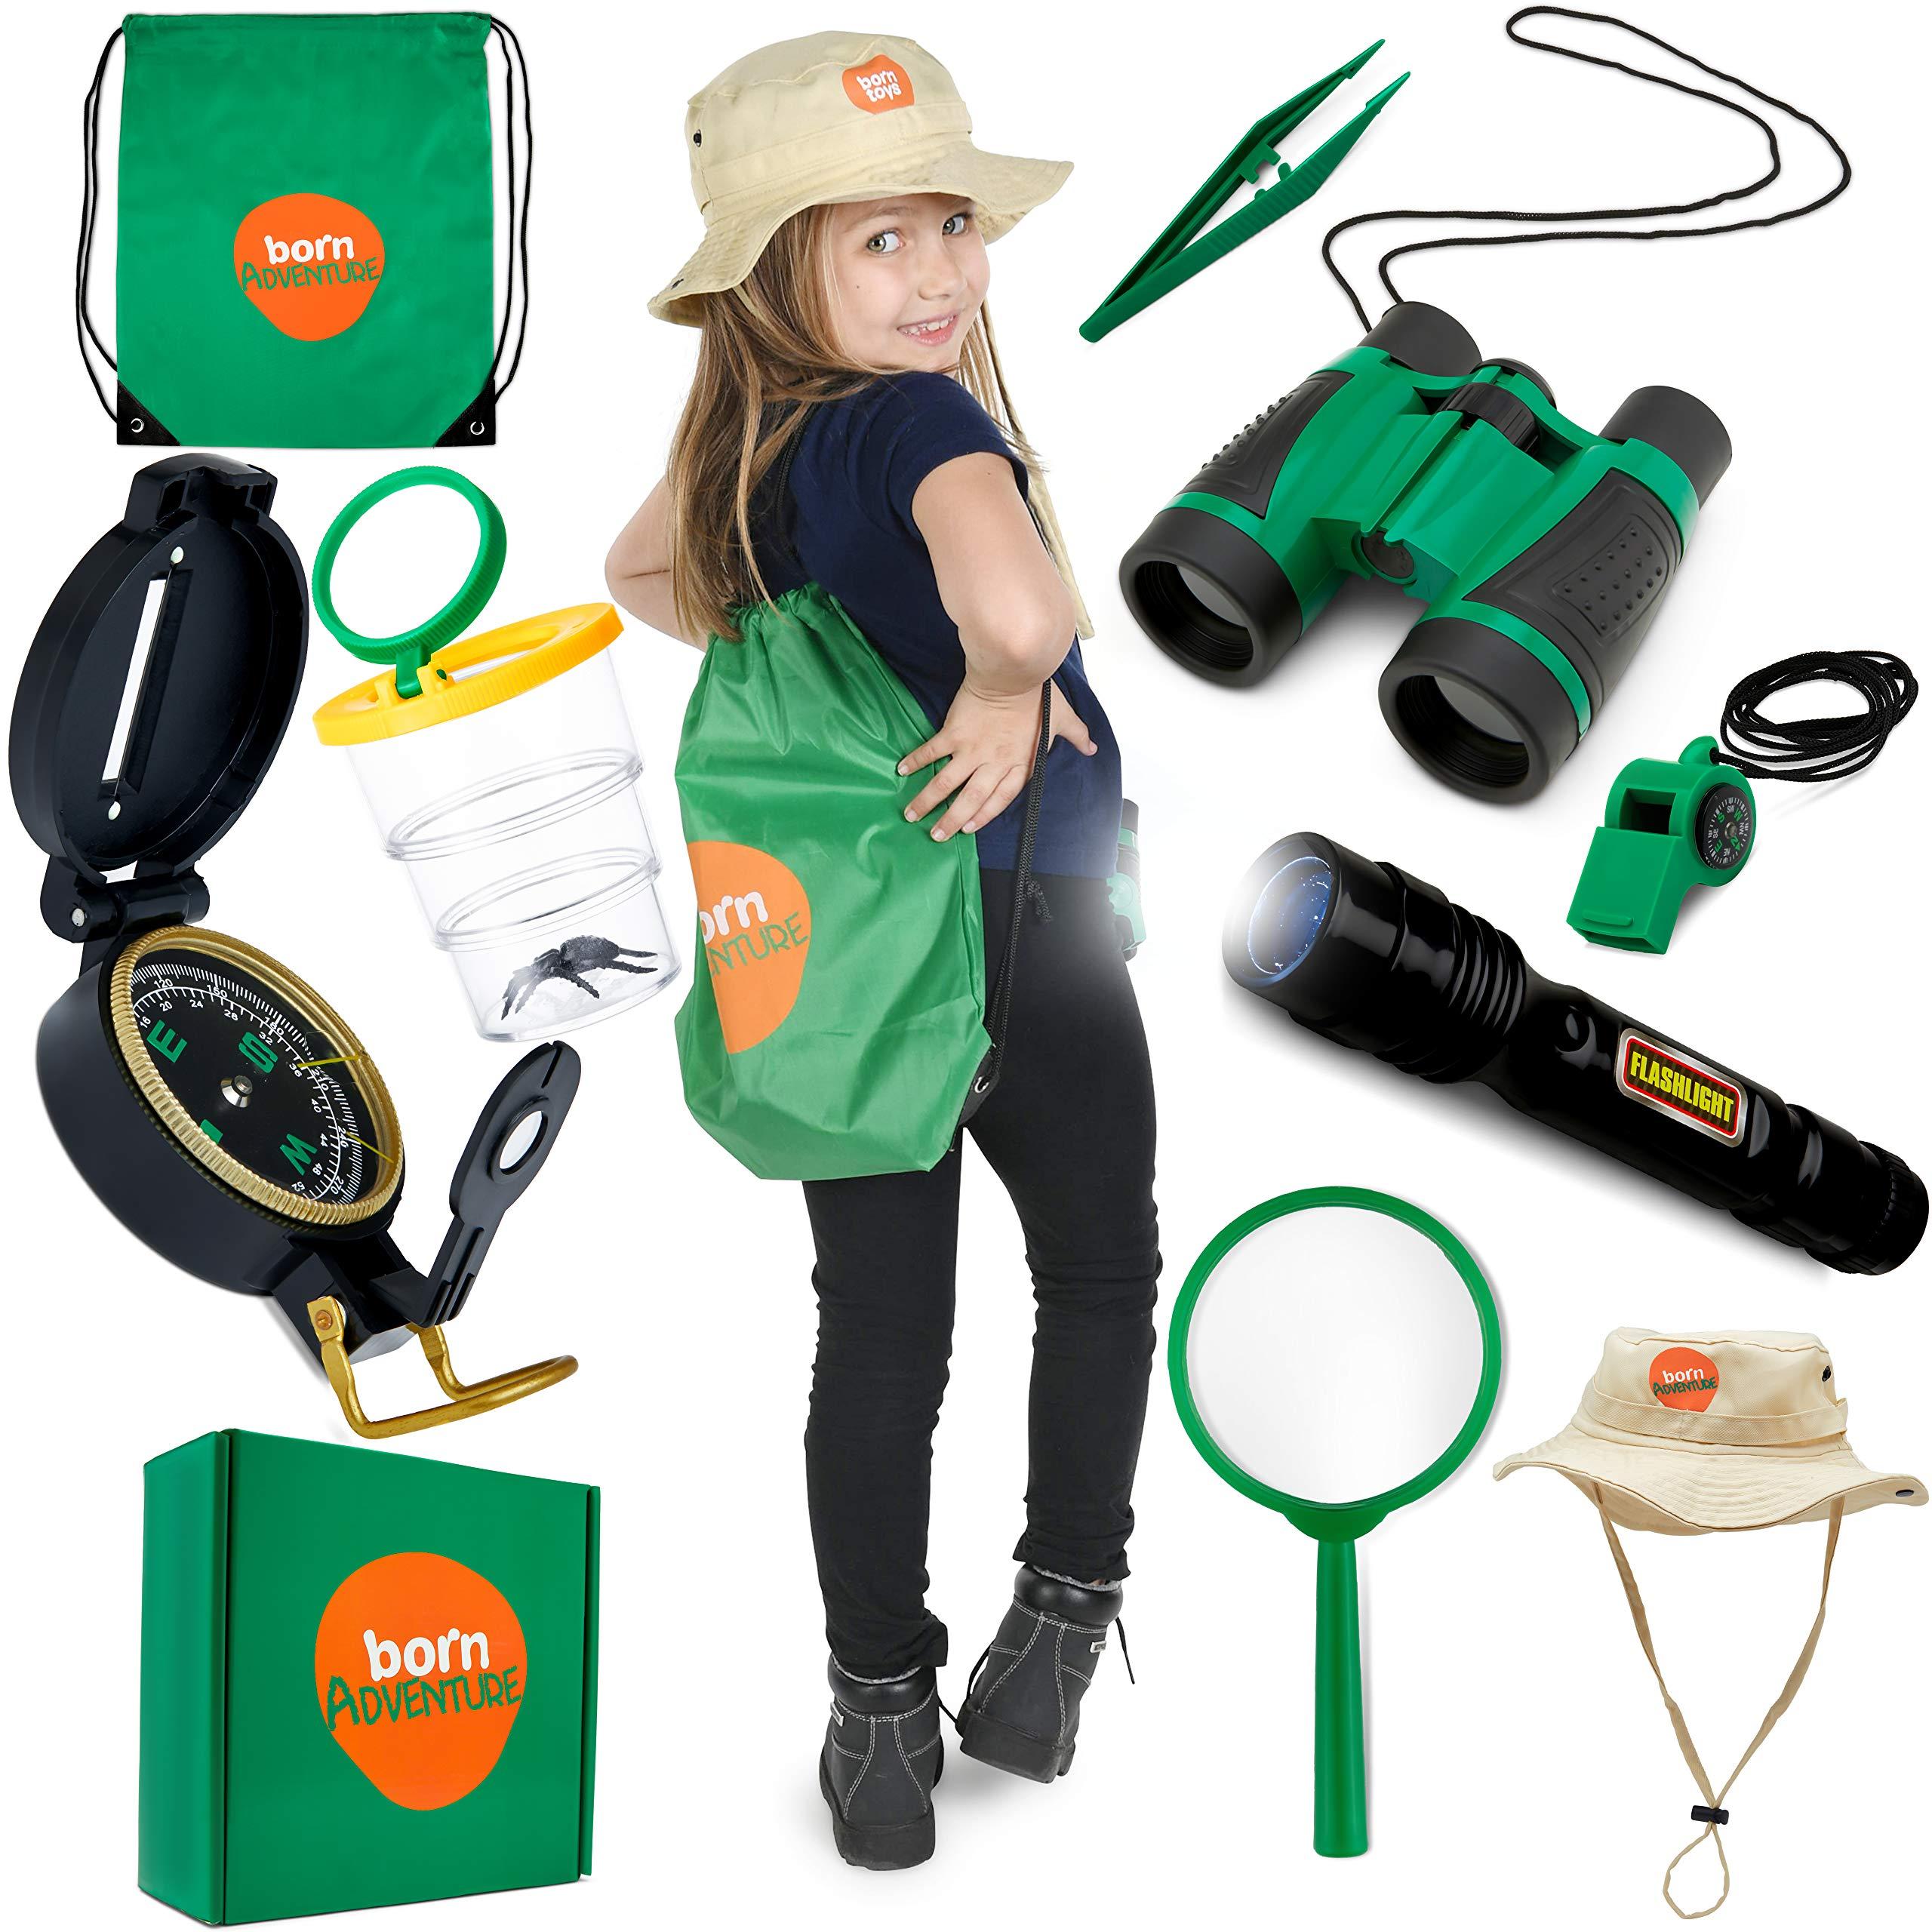 Born Toys Premium Explorer kit and Backyard Safari HAT and Adventure kit for Explorer Kids by Born Toys